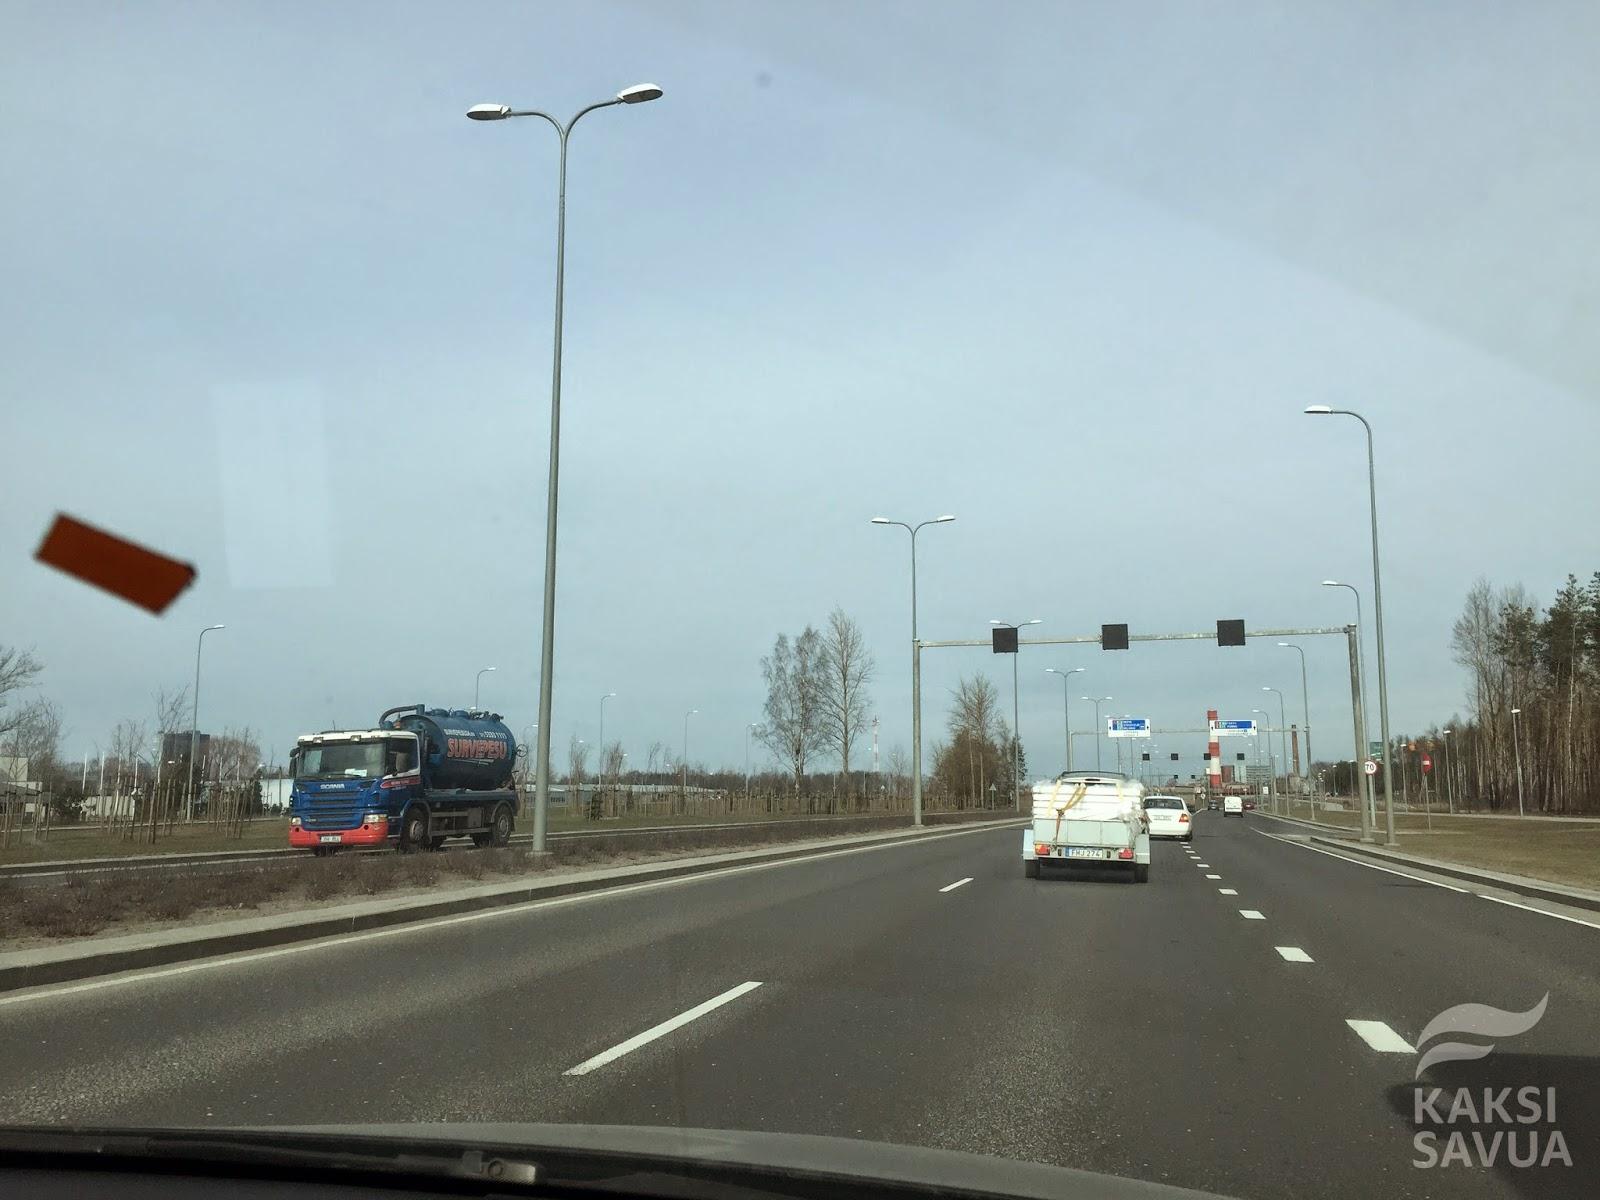 Kaksi Savua matkusti Tallinnaan